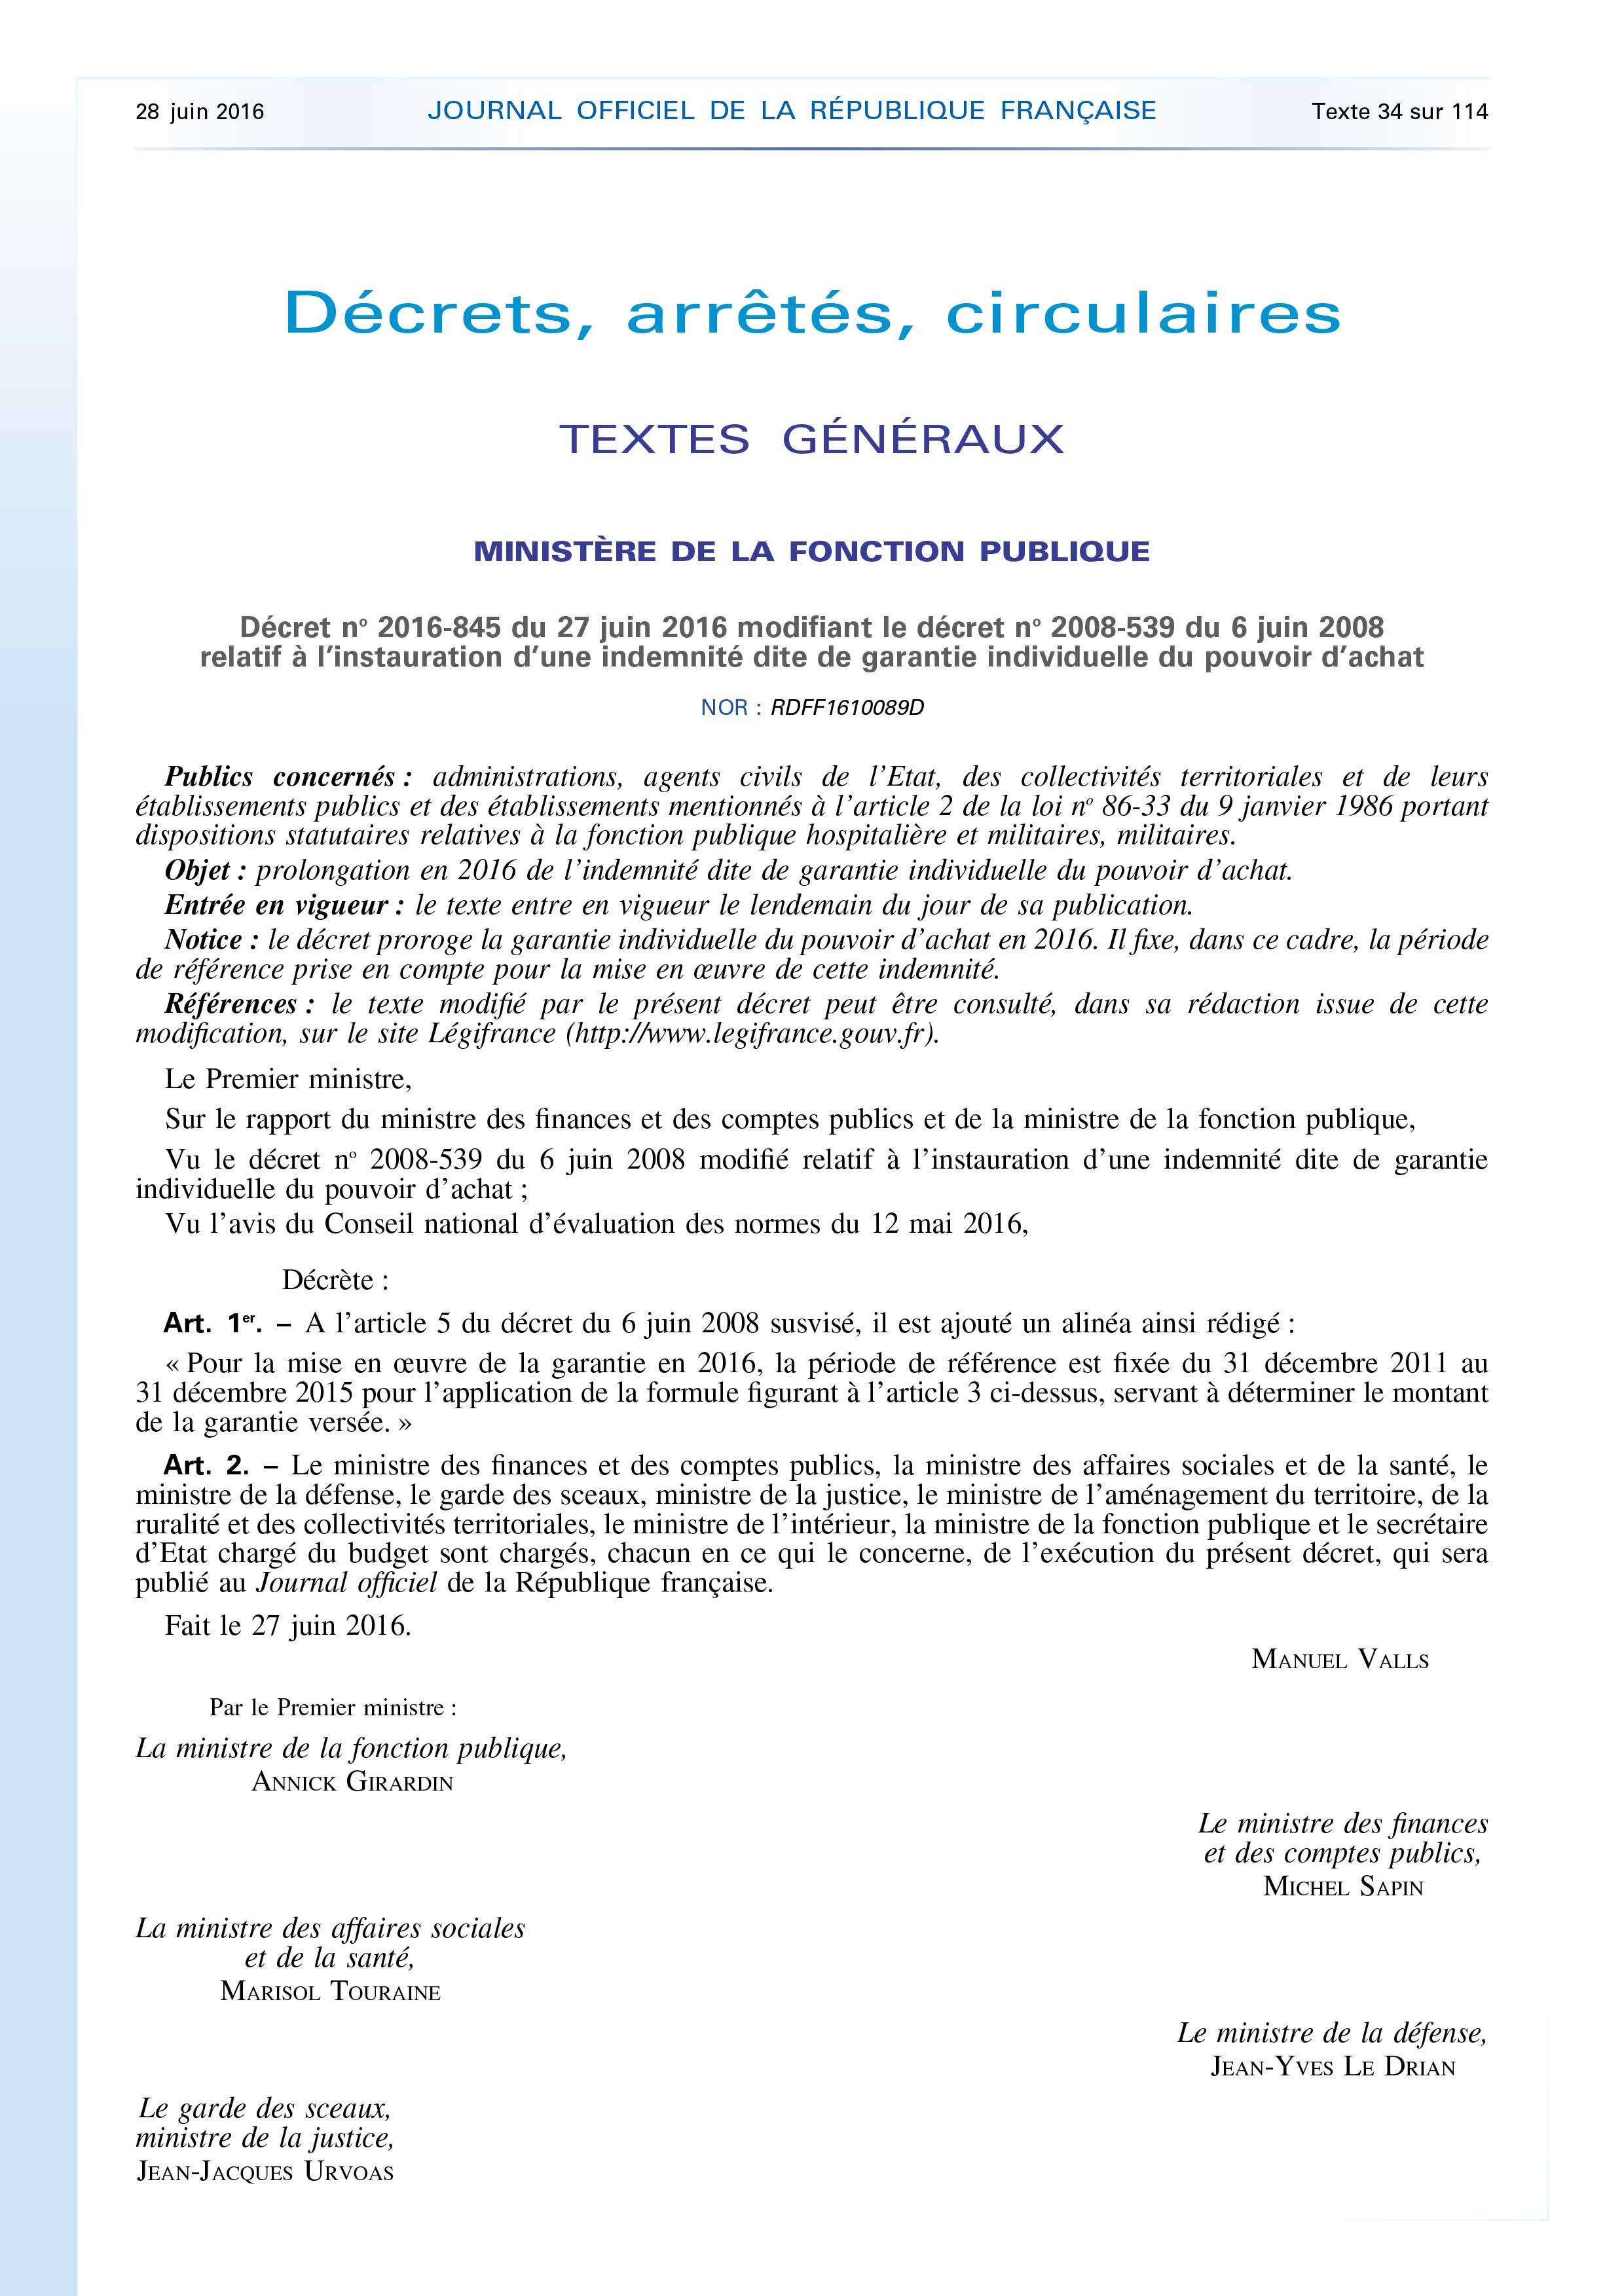 GIPA_décret-2016-1